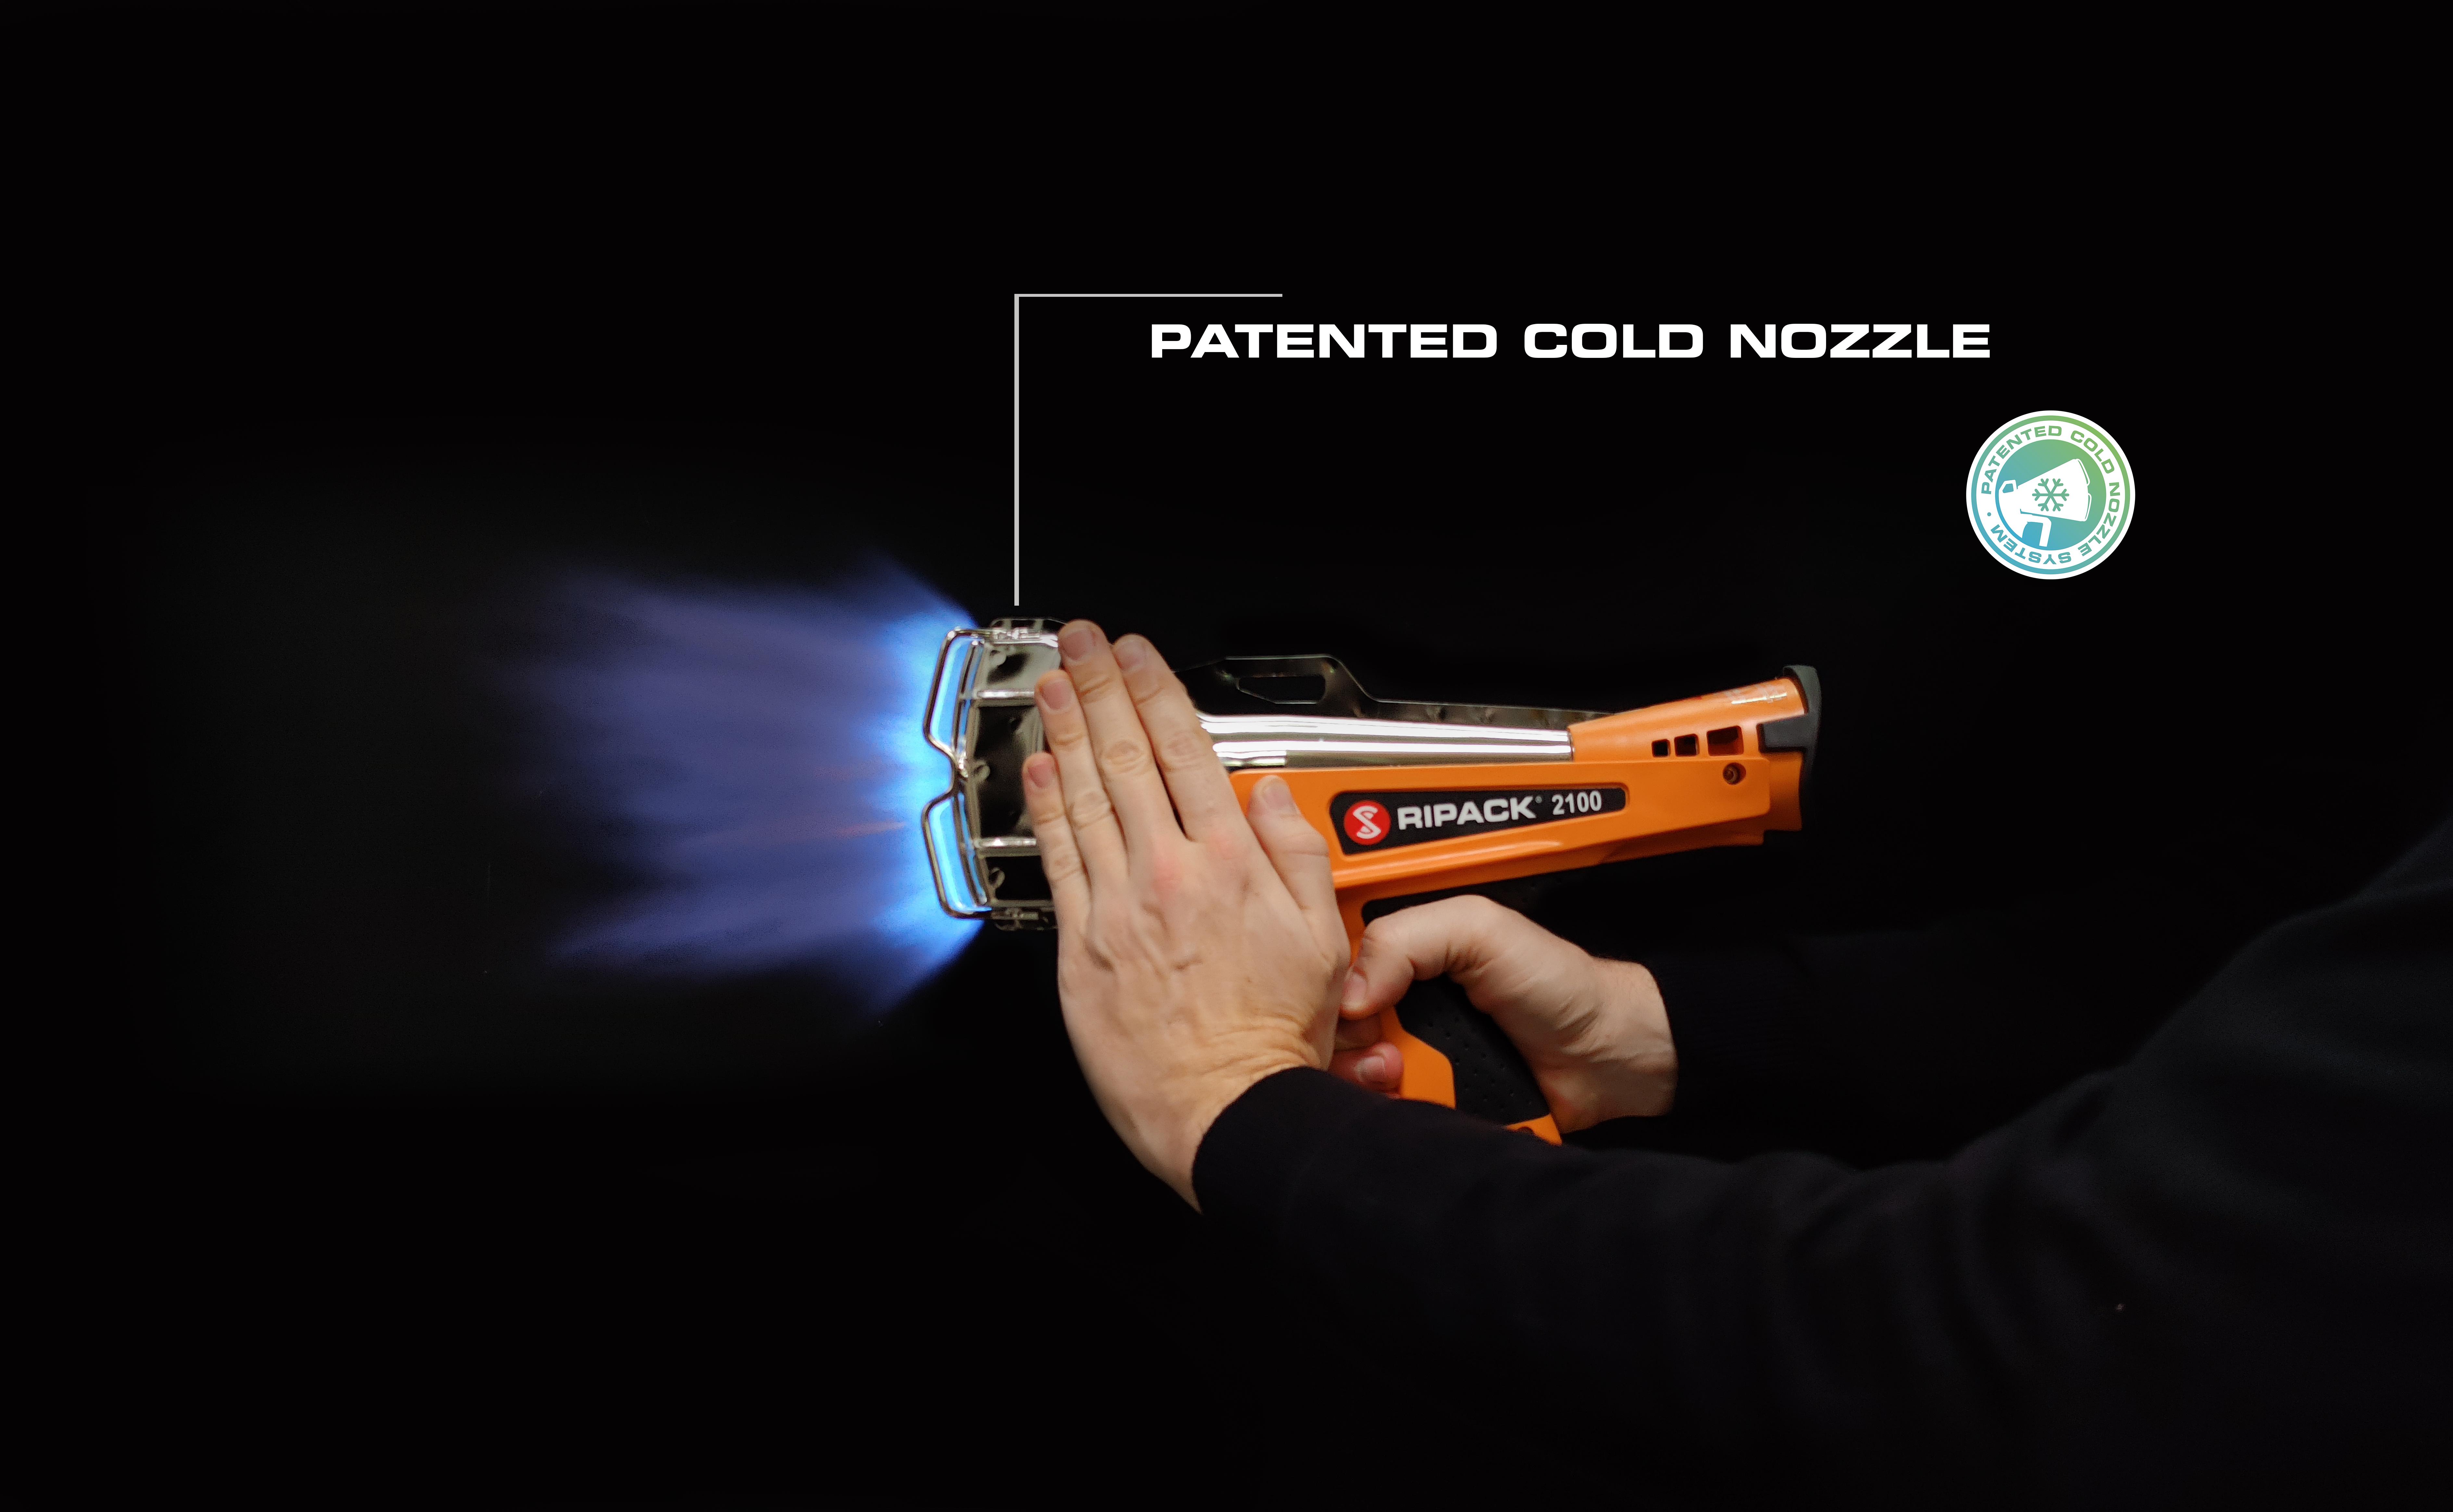 Ripack 2100 Shrink Isı Tabancası Patentli Soğuk Başlık Teknolojisi